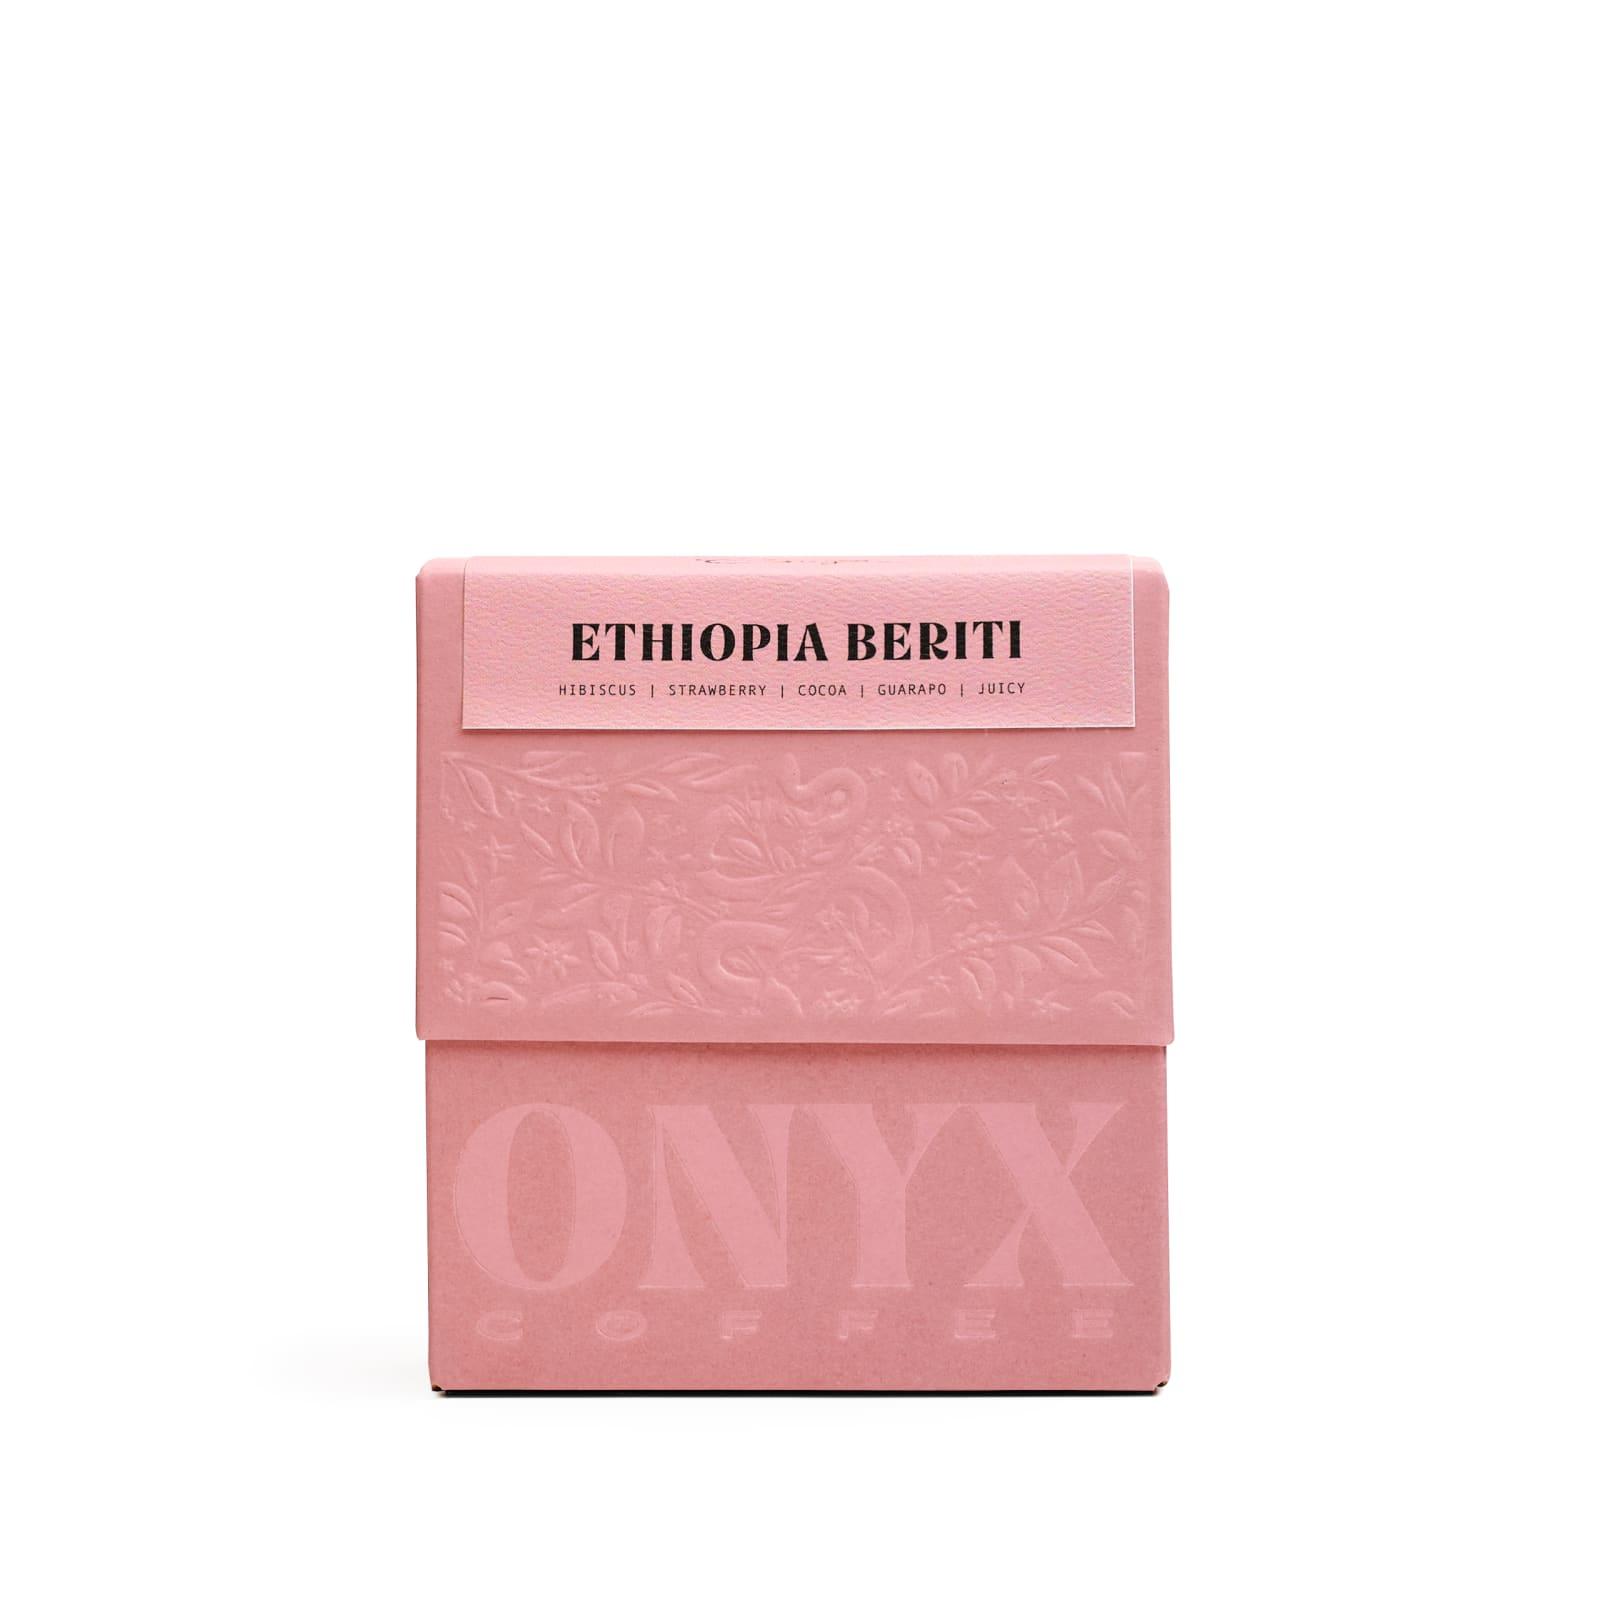 Ethiopia Beriti Natural